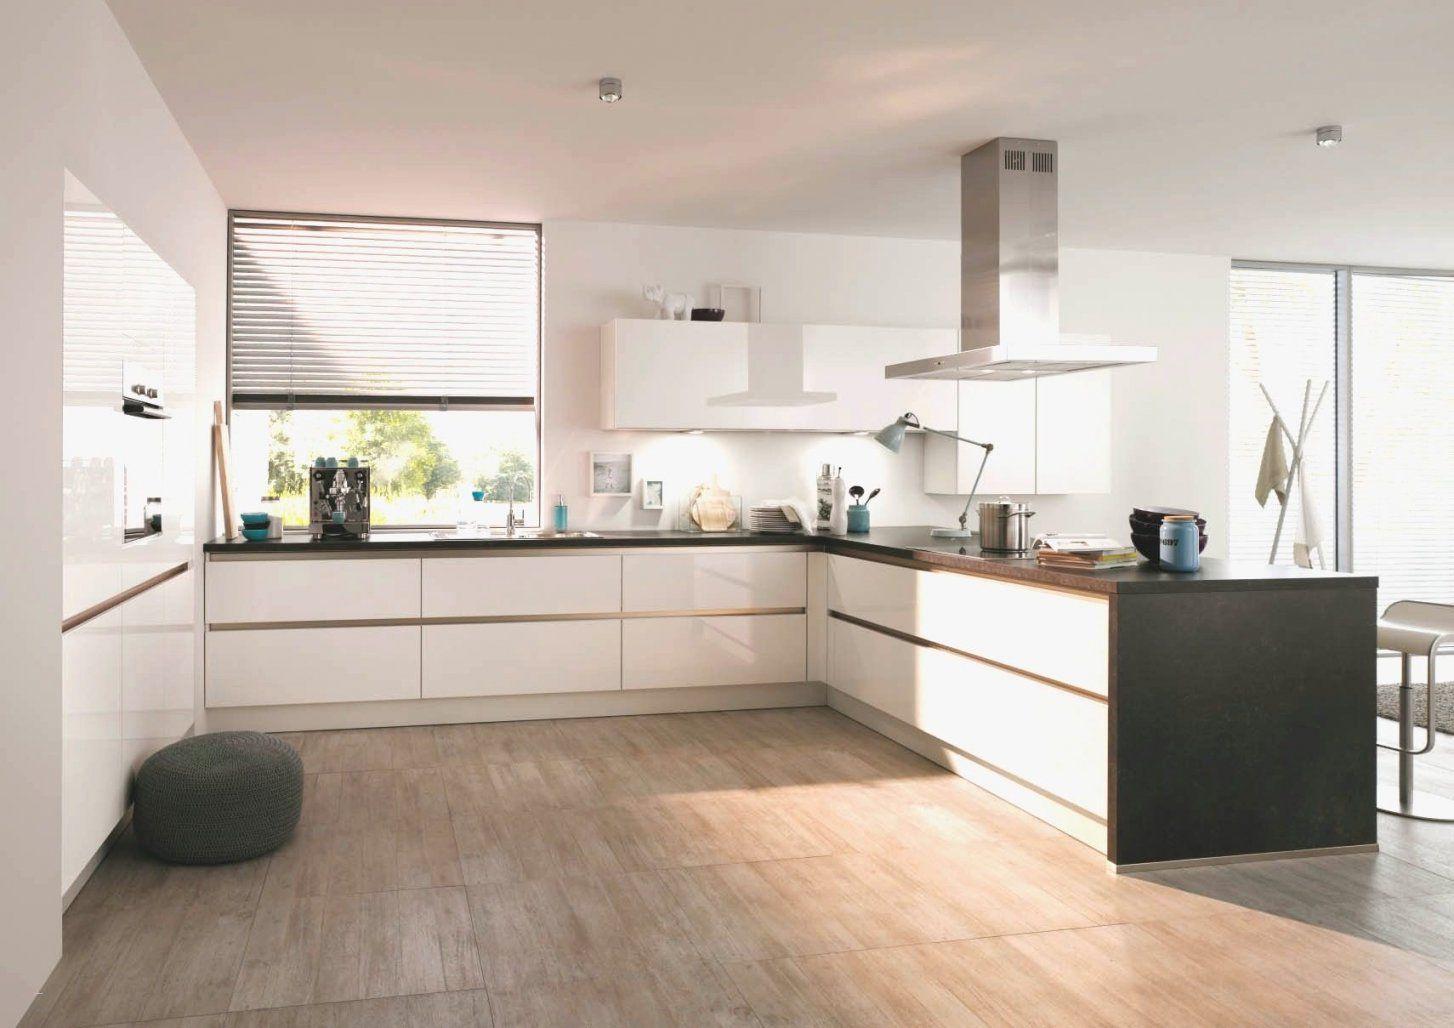 Küche In U Form Angebote Großartig Küche Günstig Planen  Küchen von Küchen In U Form Günstig Bild